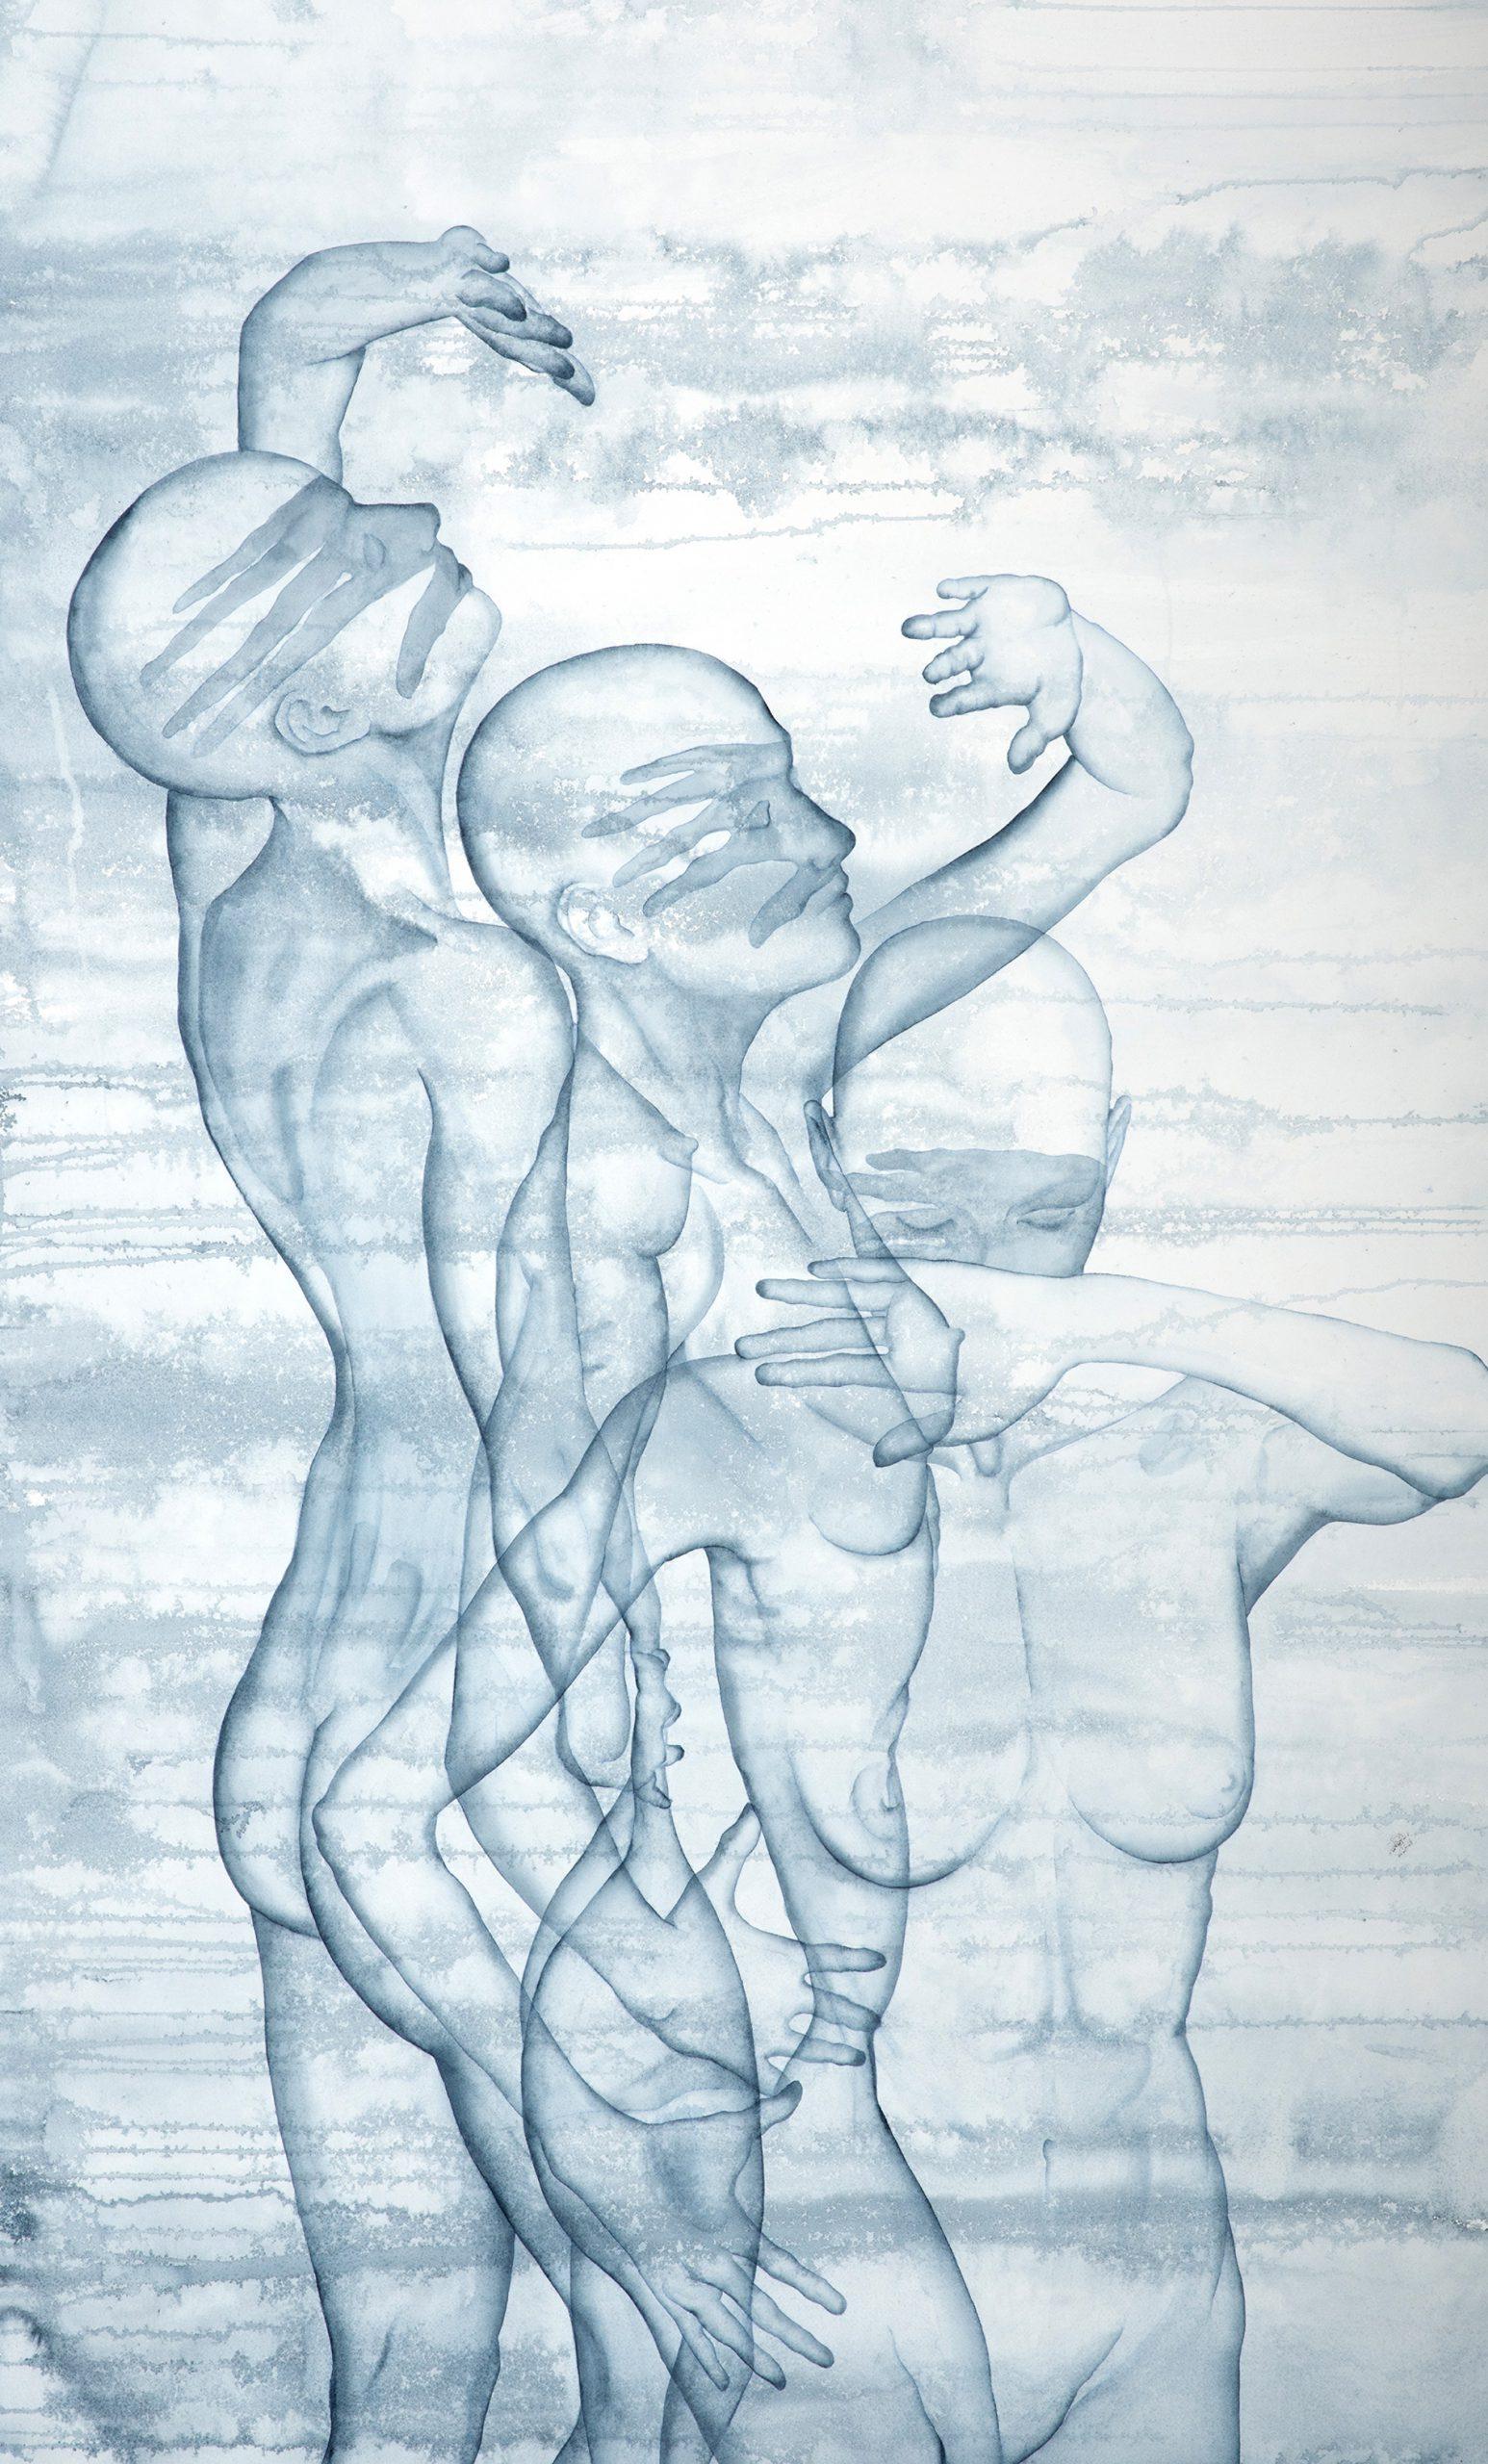 Stefano Bolzano, Helianthus, acquerello su carta, 90x150 cm, 2020.